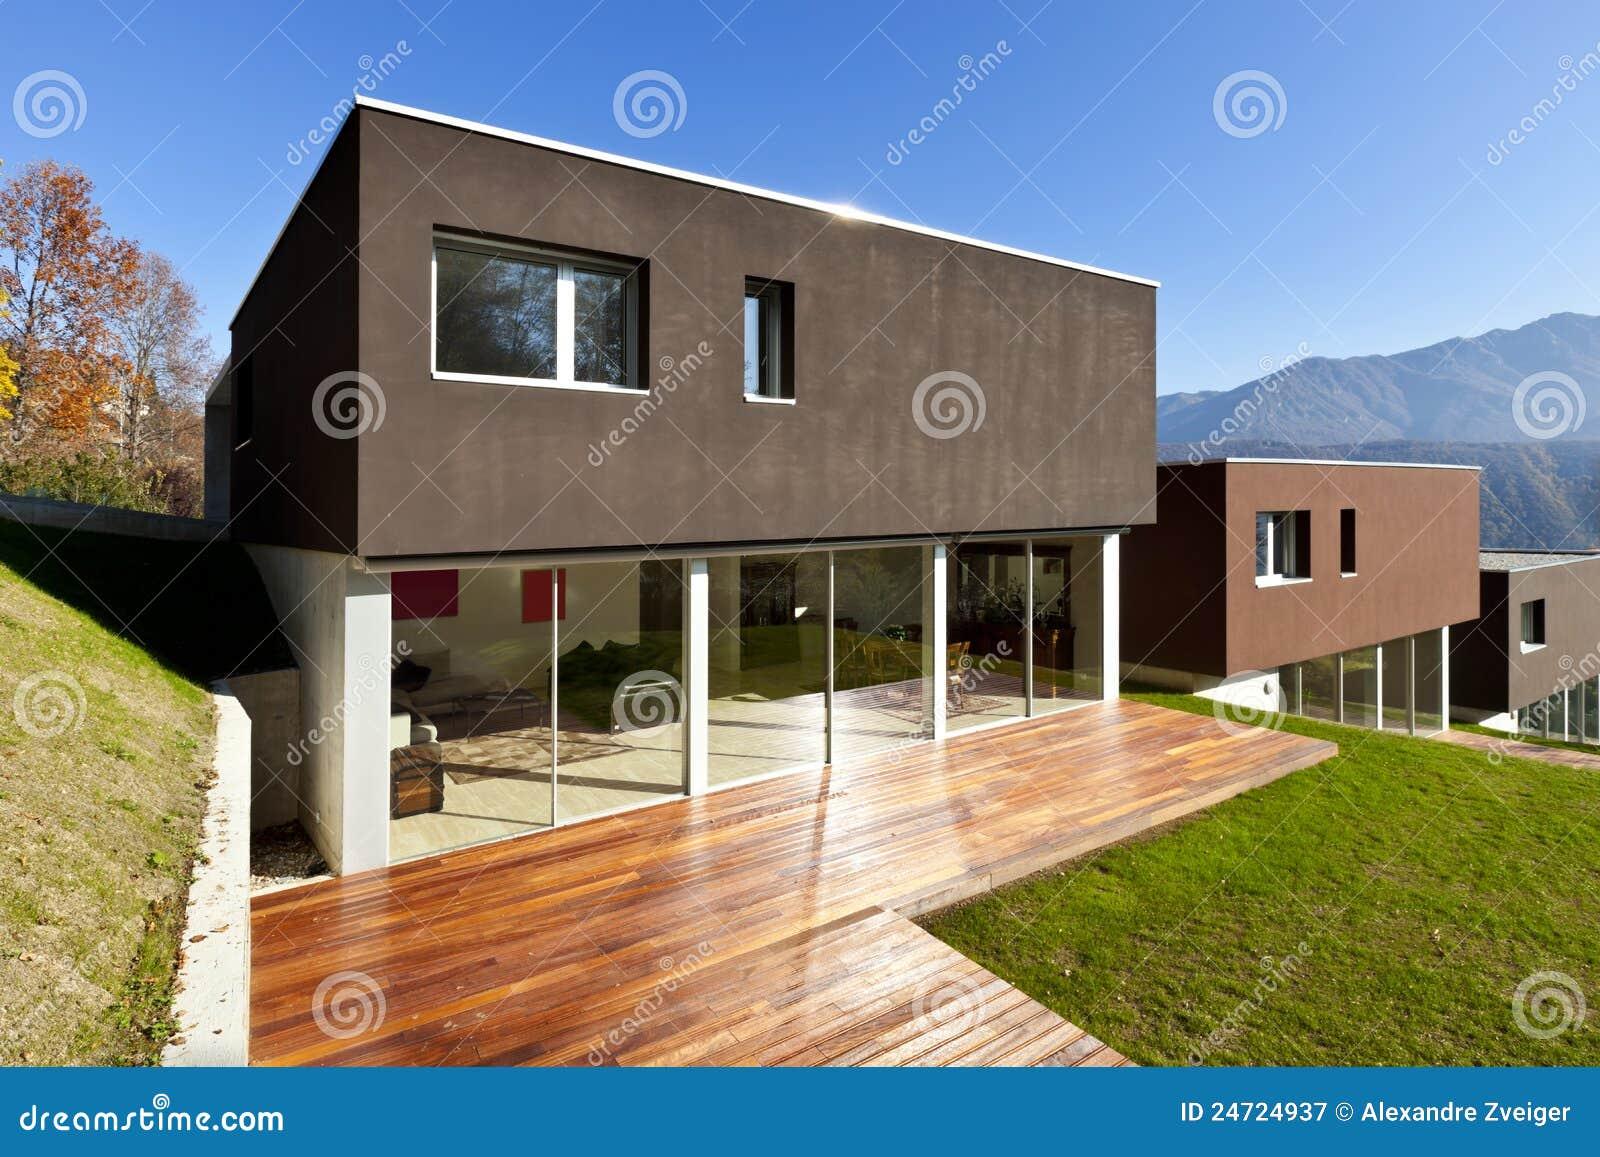 Modern huis terras stock afbeelding afbeelding bestaande uit perspectief 24724937 - Terras eigentijds huis ...